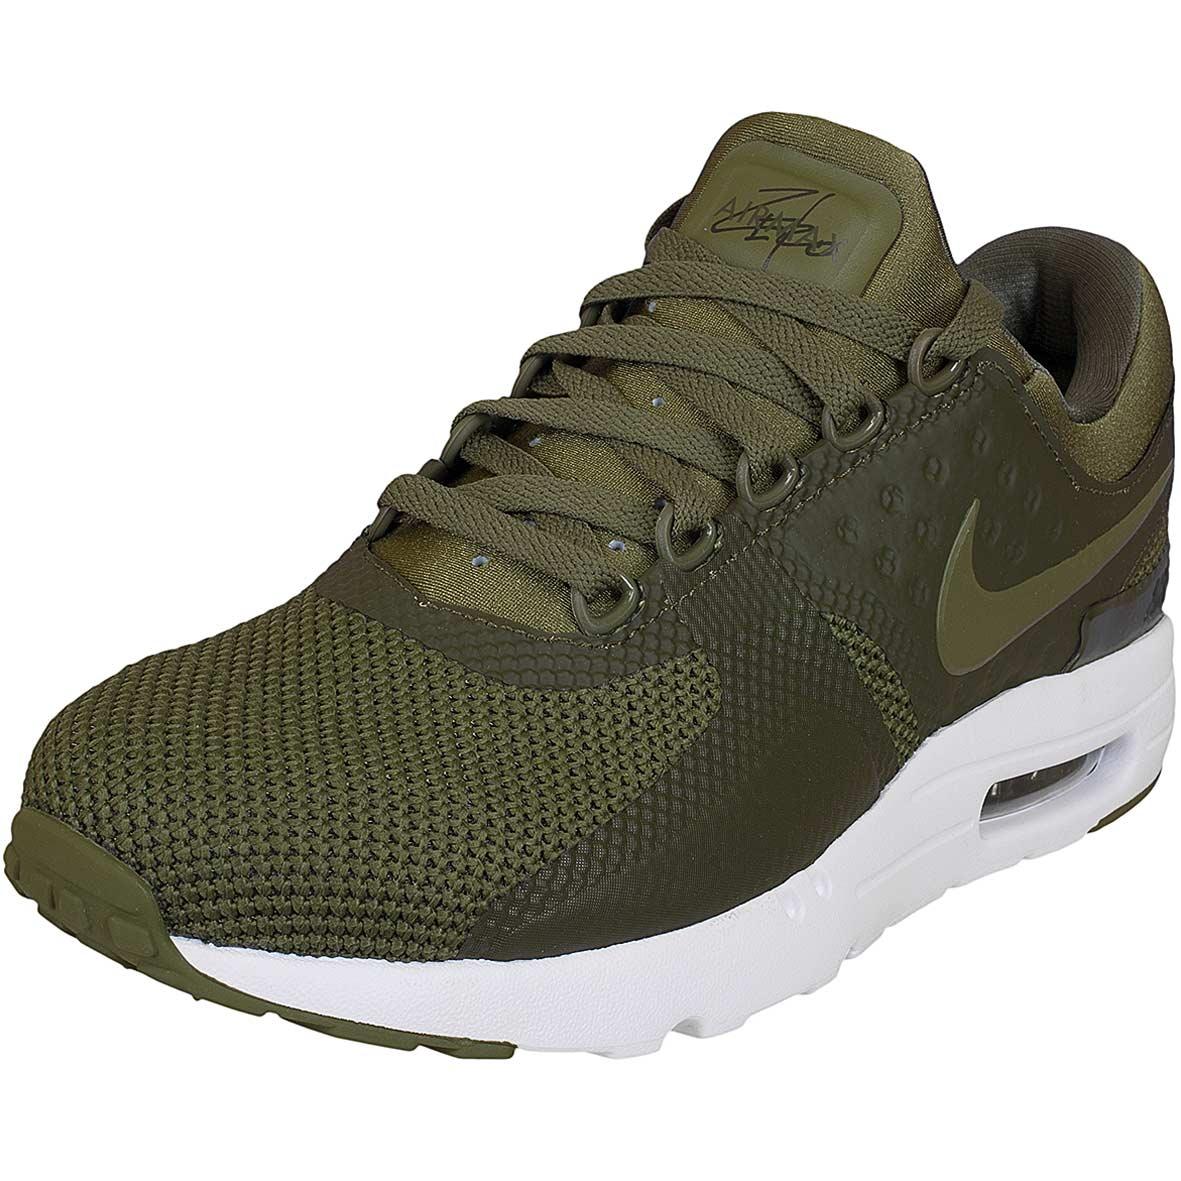 Nike Air Max Zero Essential Herren Schuhe Med Olive Med